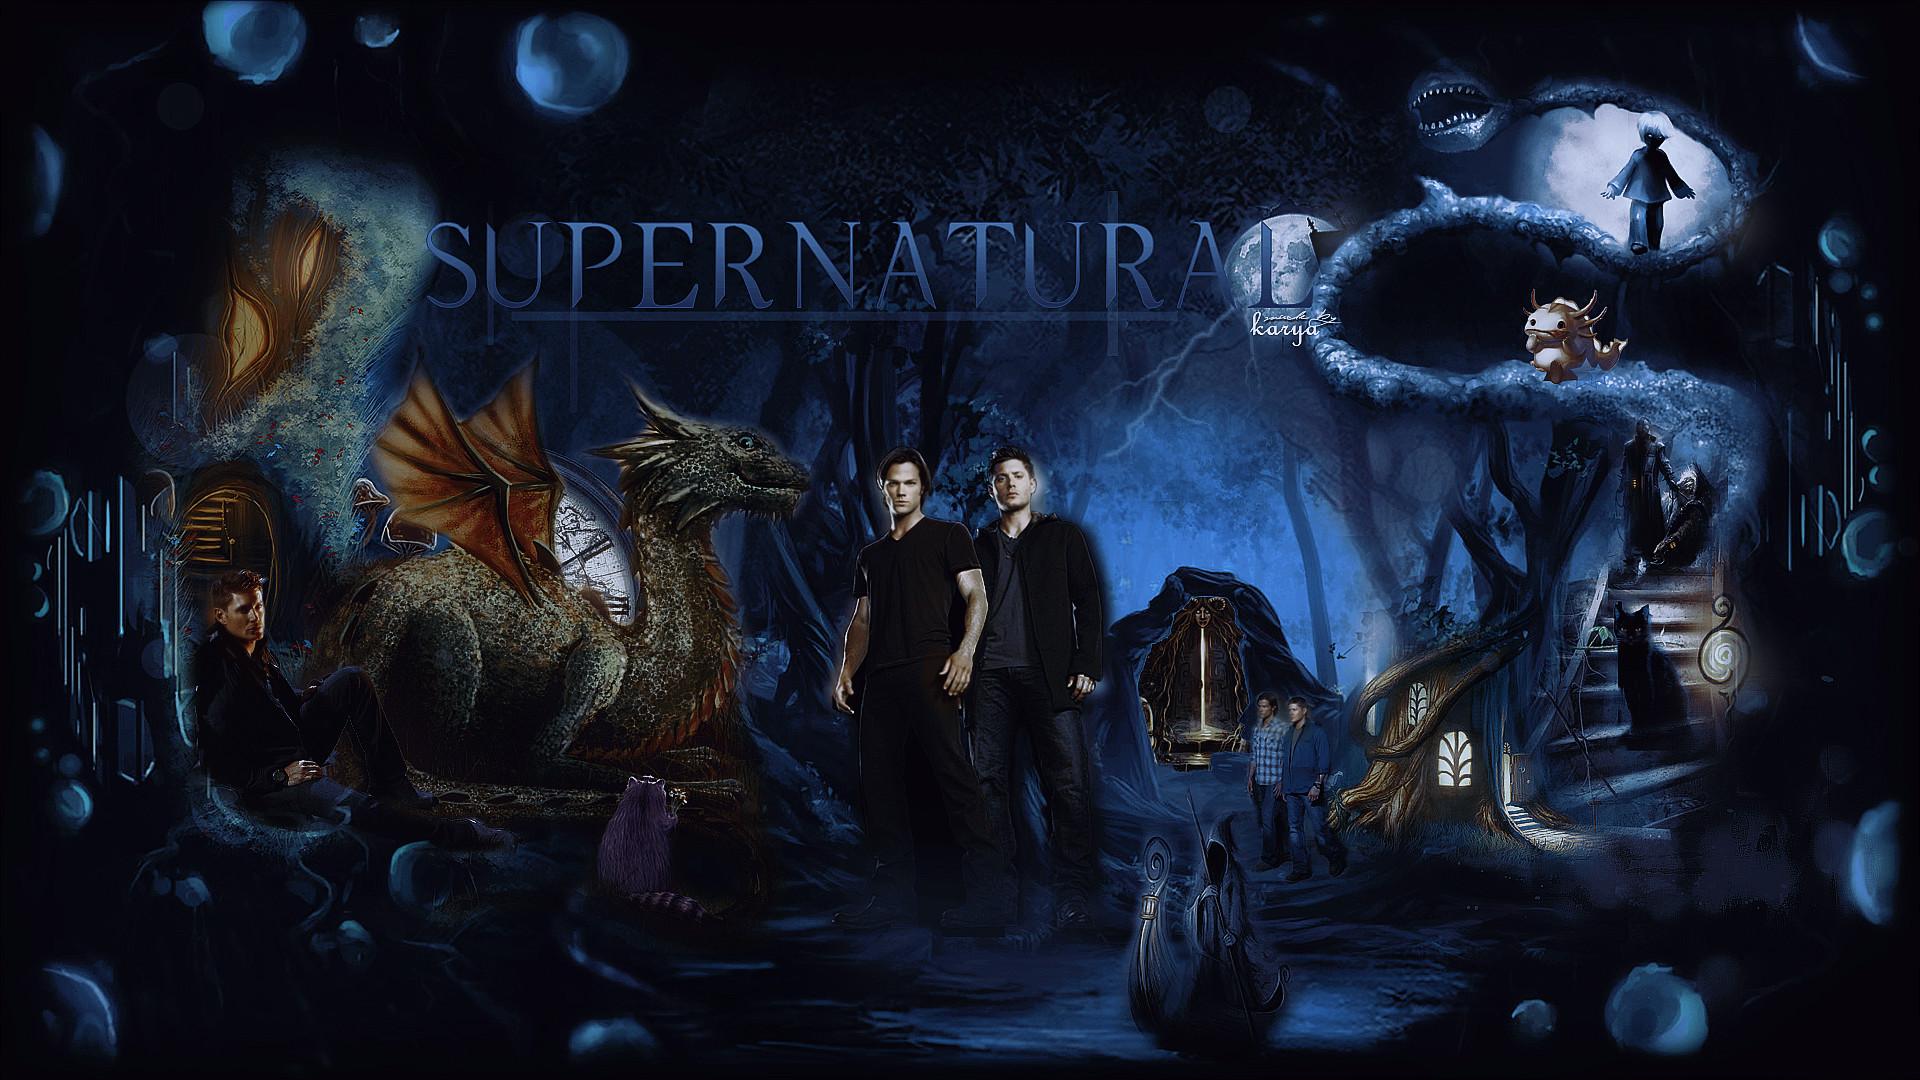 supernatural wallpaper hd movies